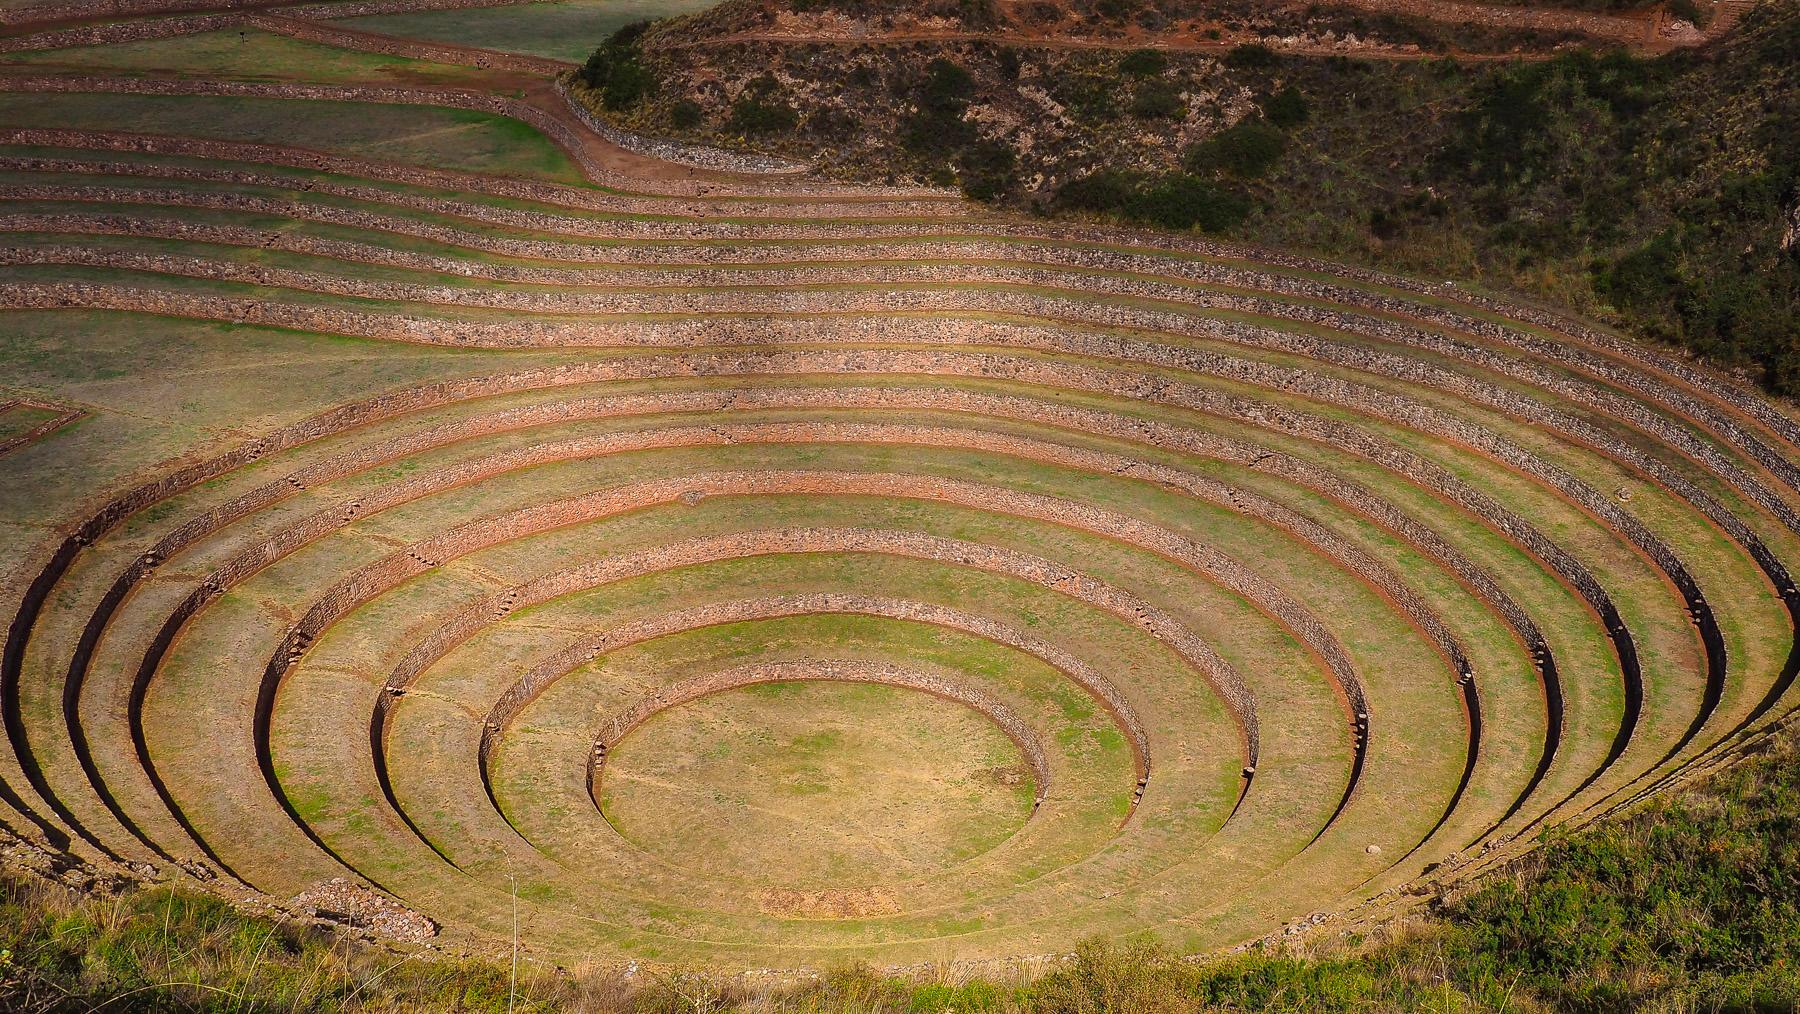 Unsere erste Station im Heiligen Tal der Inka: Moray